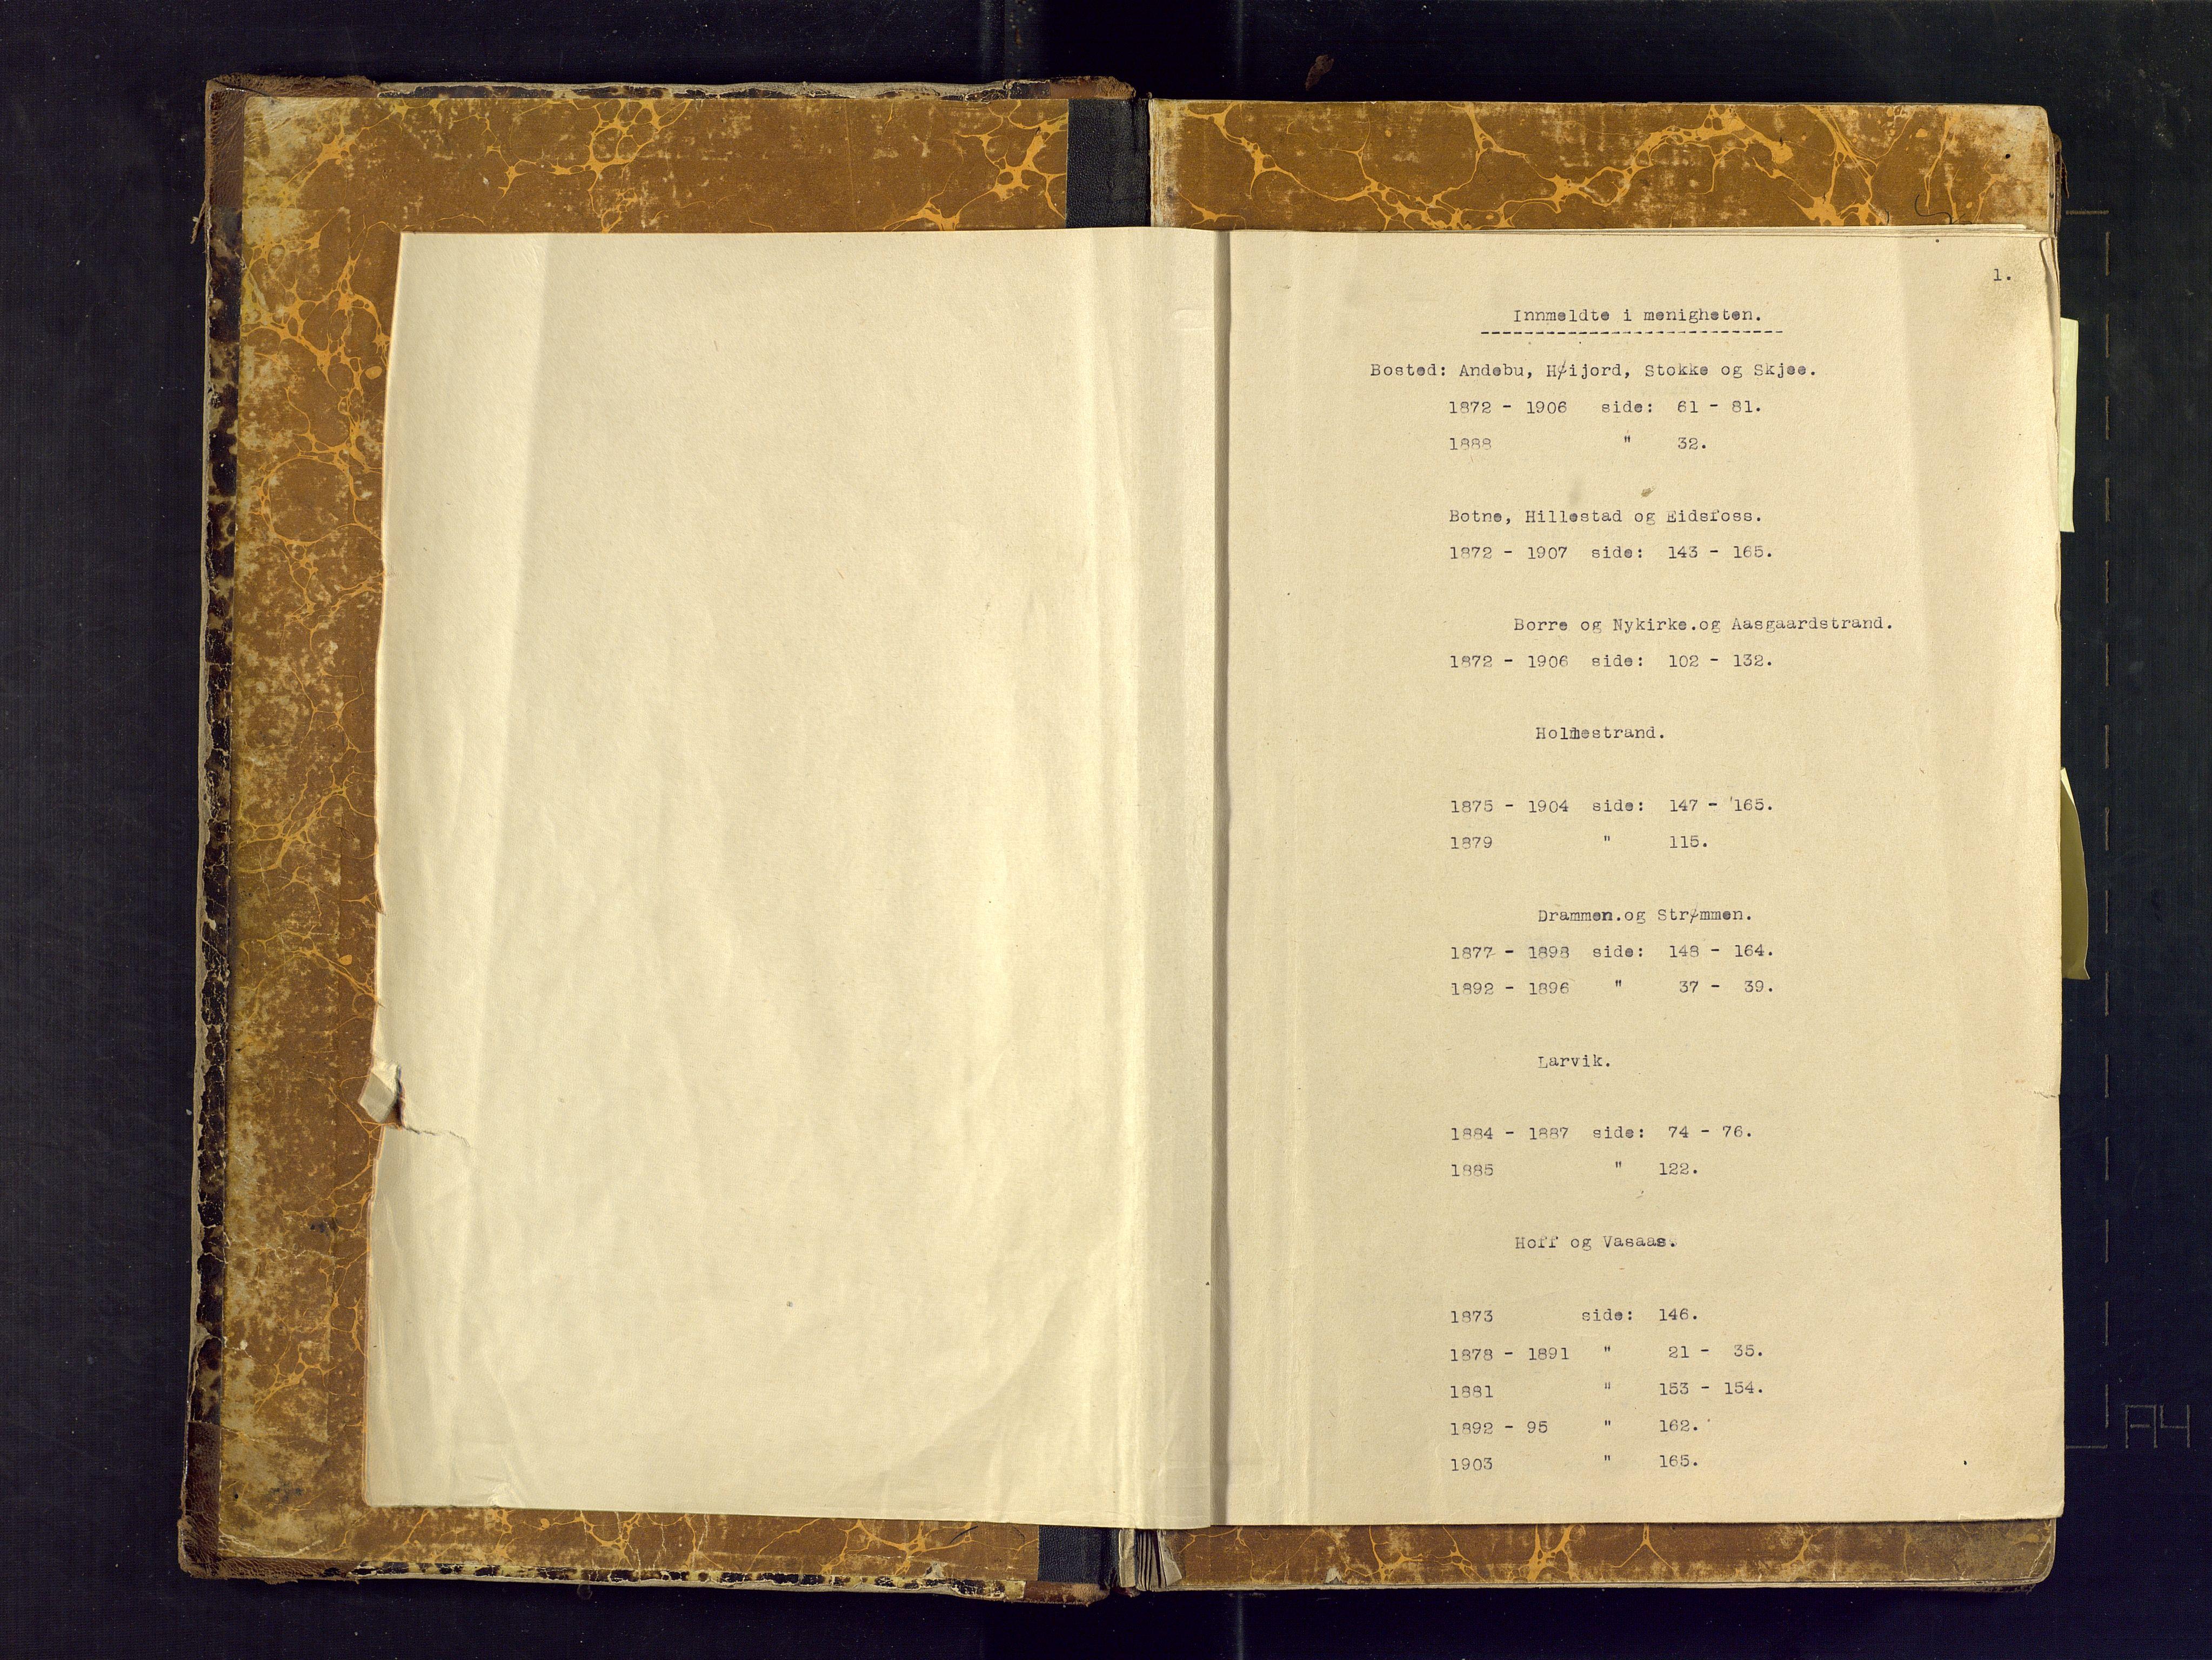 SAKO, Den evangeliske lutherske frimenighet (SAKO), Dissenterprotokoll nr. Fb/L0001, 1872-1907